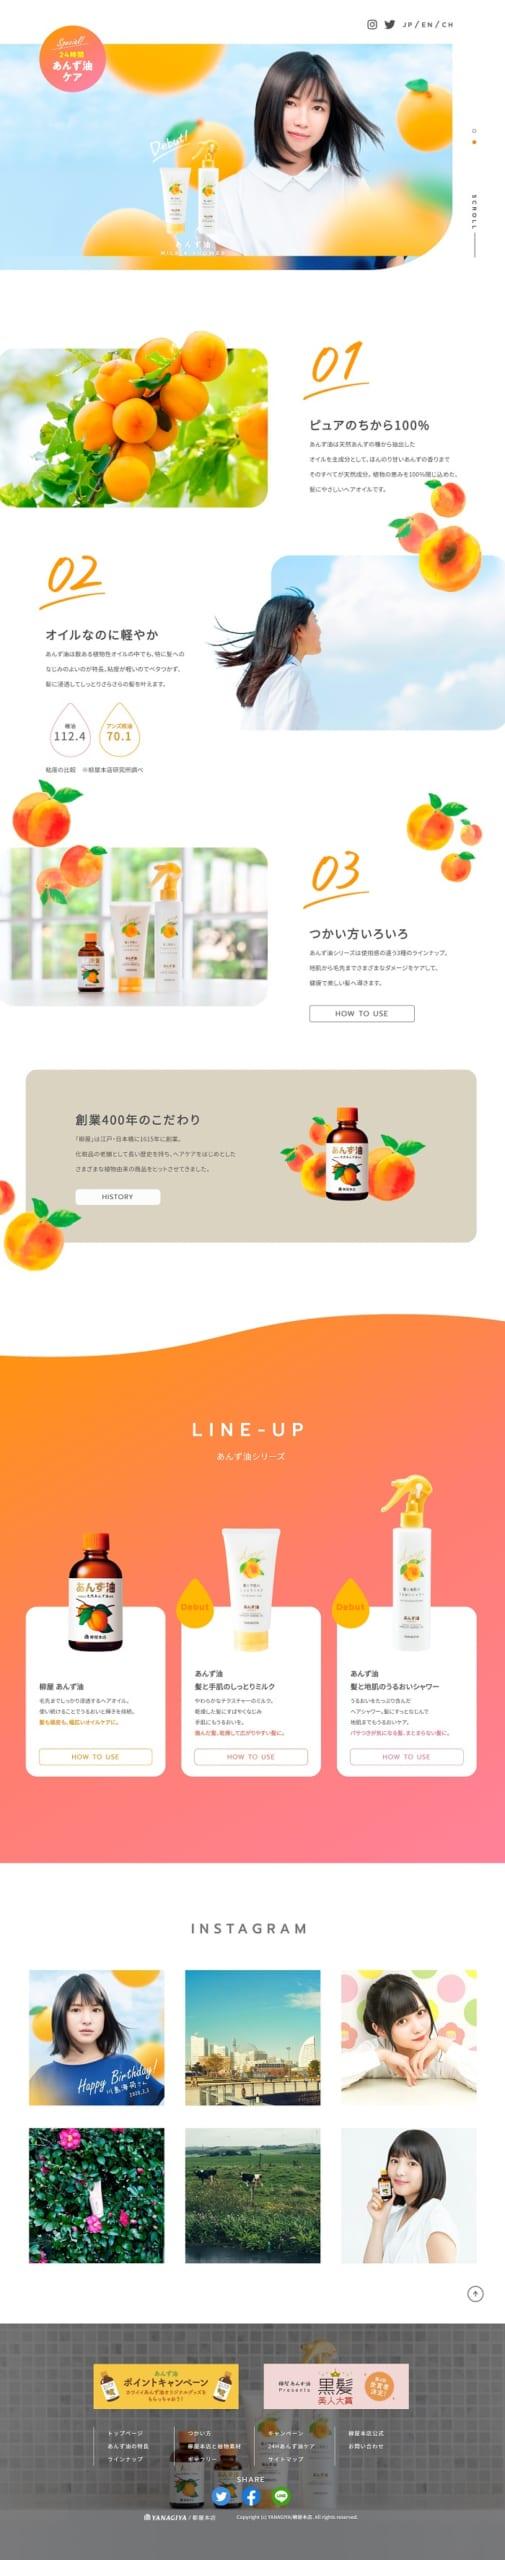 柳屋あんず油(100%植物由来)公式サイト|柳屋本店